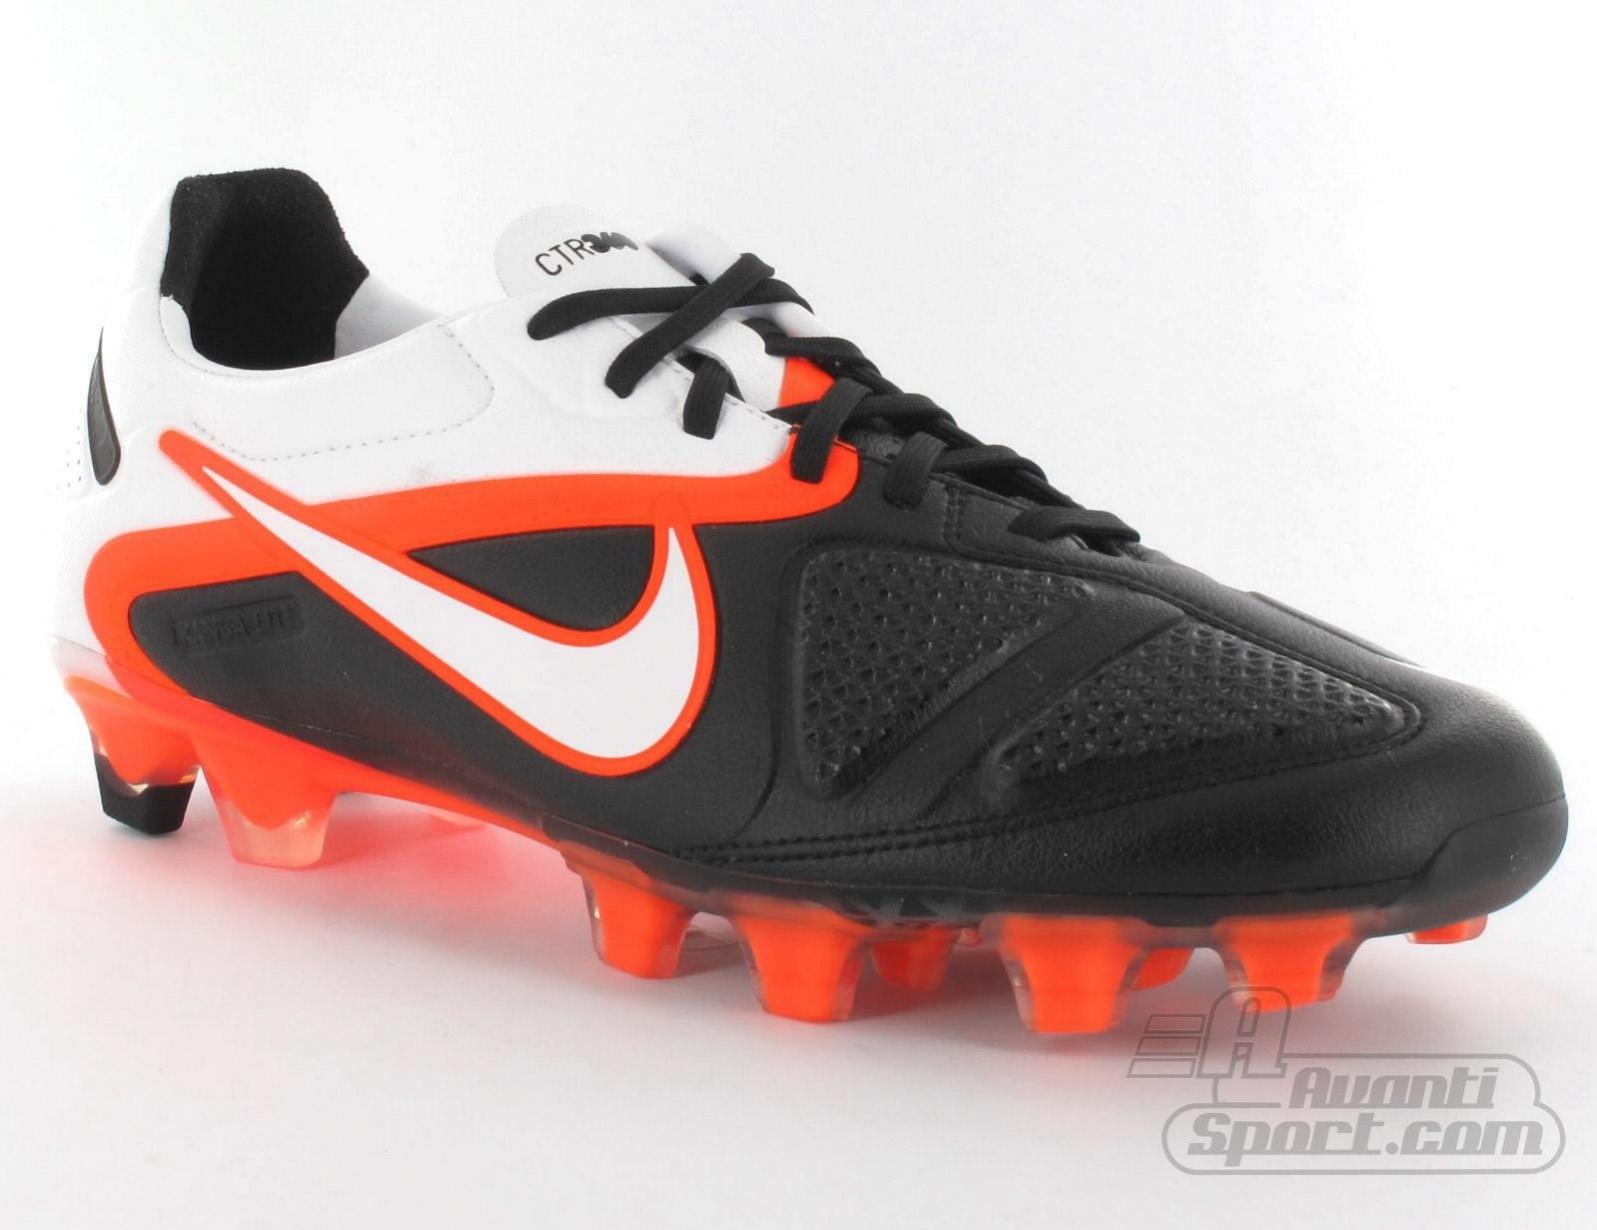 Nike-CTR360-Maestri-II Soccer Shoes